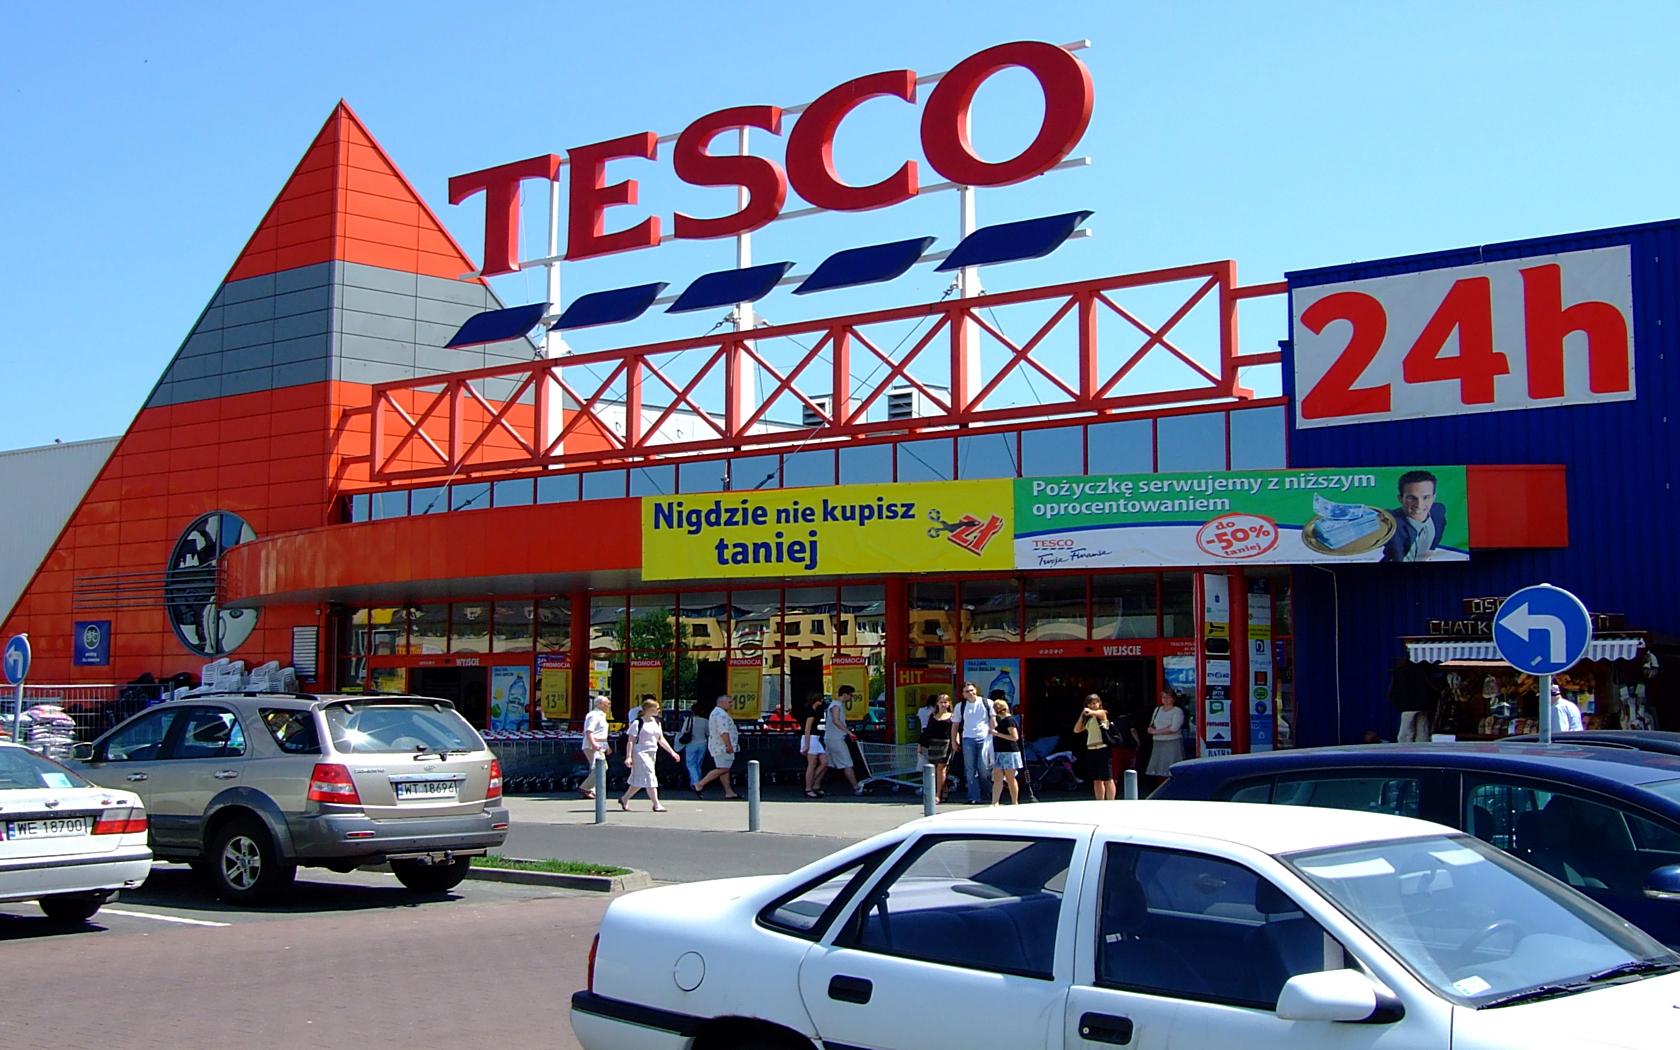 英国特易购公司注重为小件商品添加RFID标签